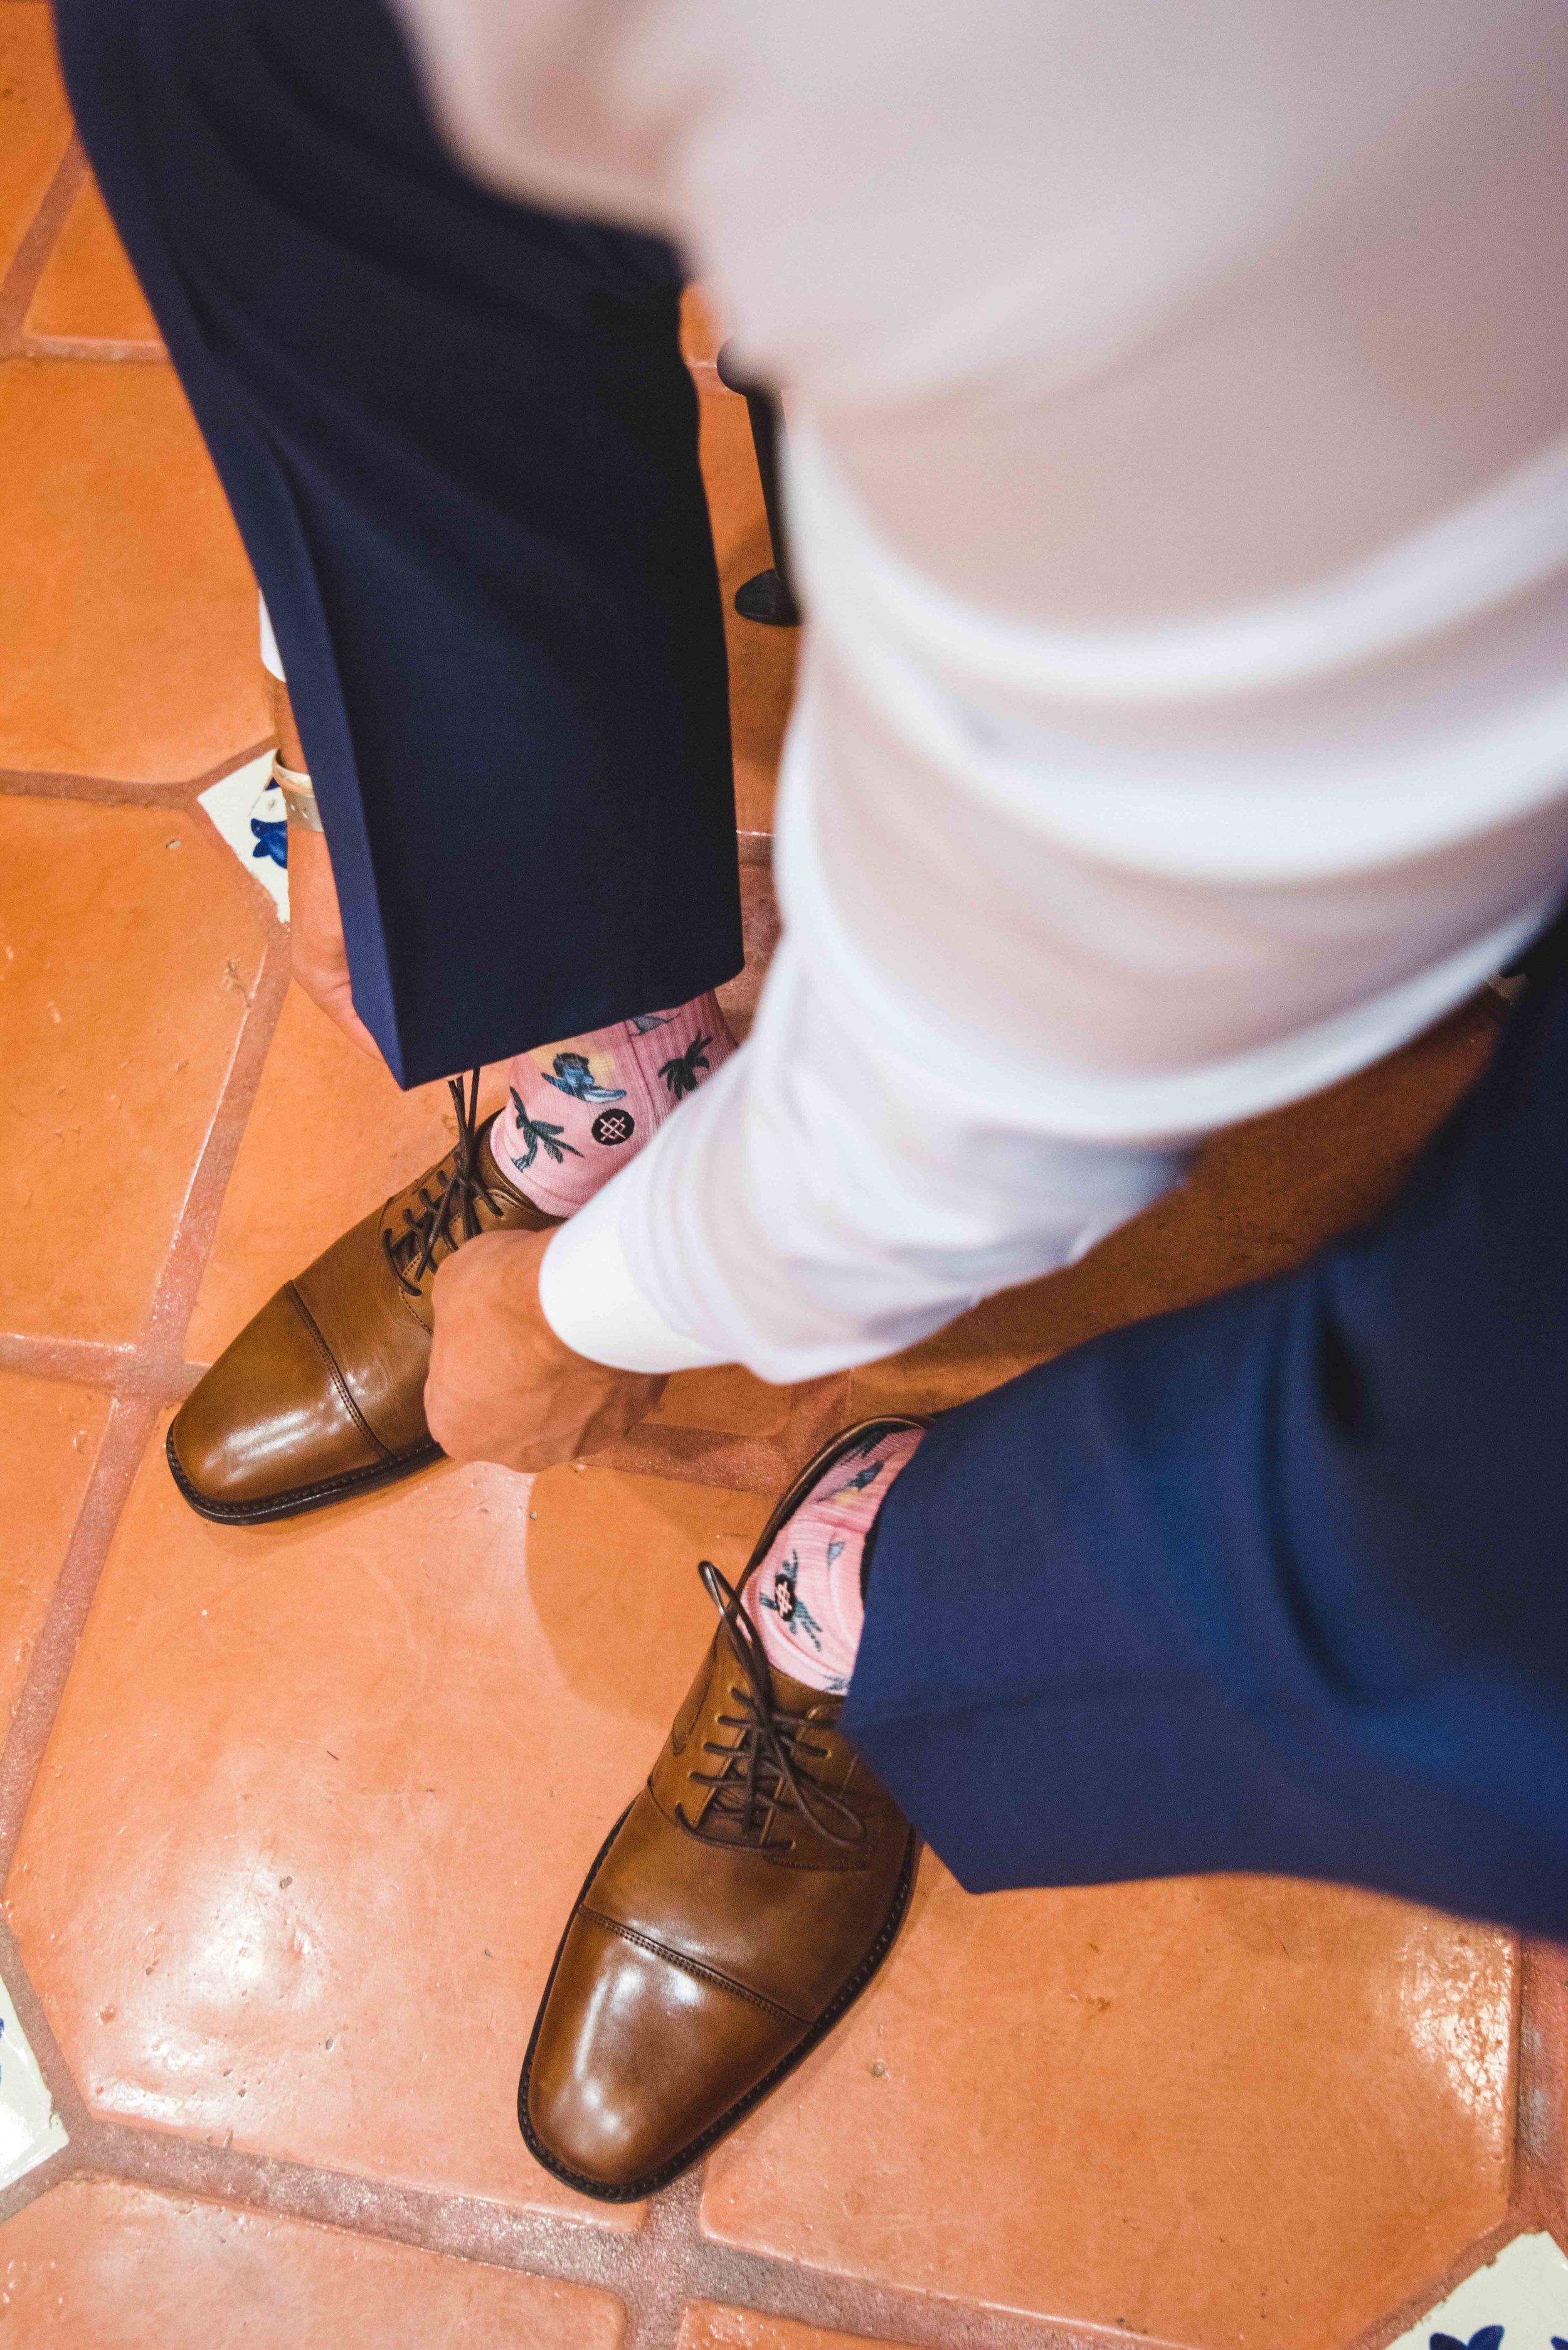 cabo-san-lucas-mexico-wedding-photographer-7.jpg